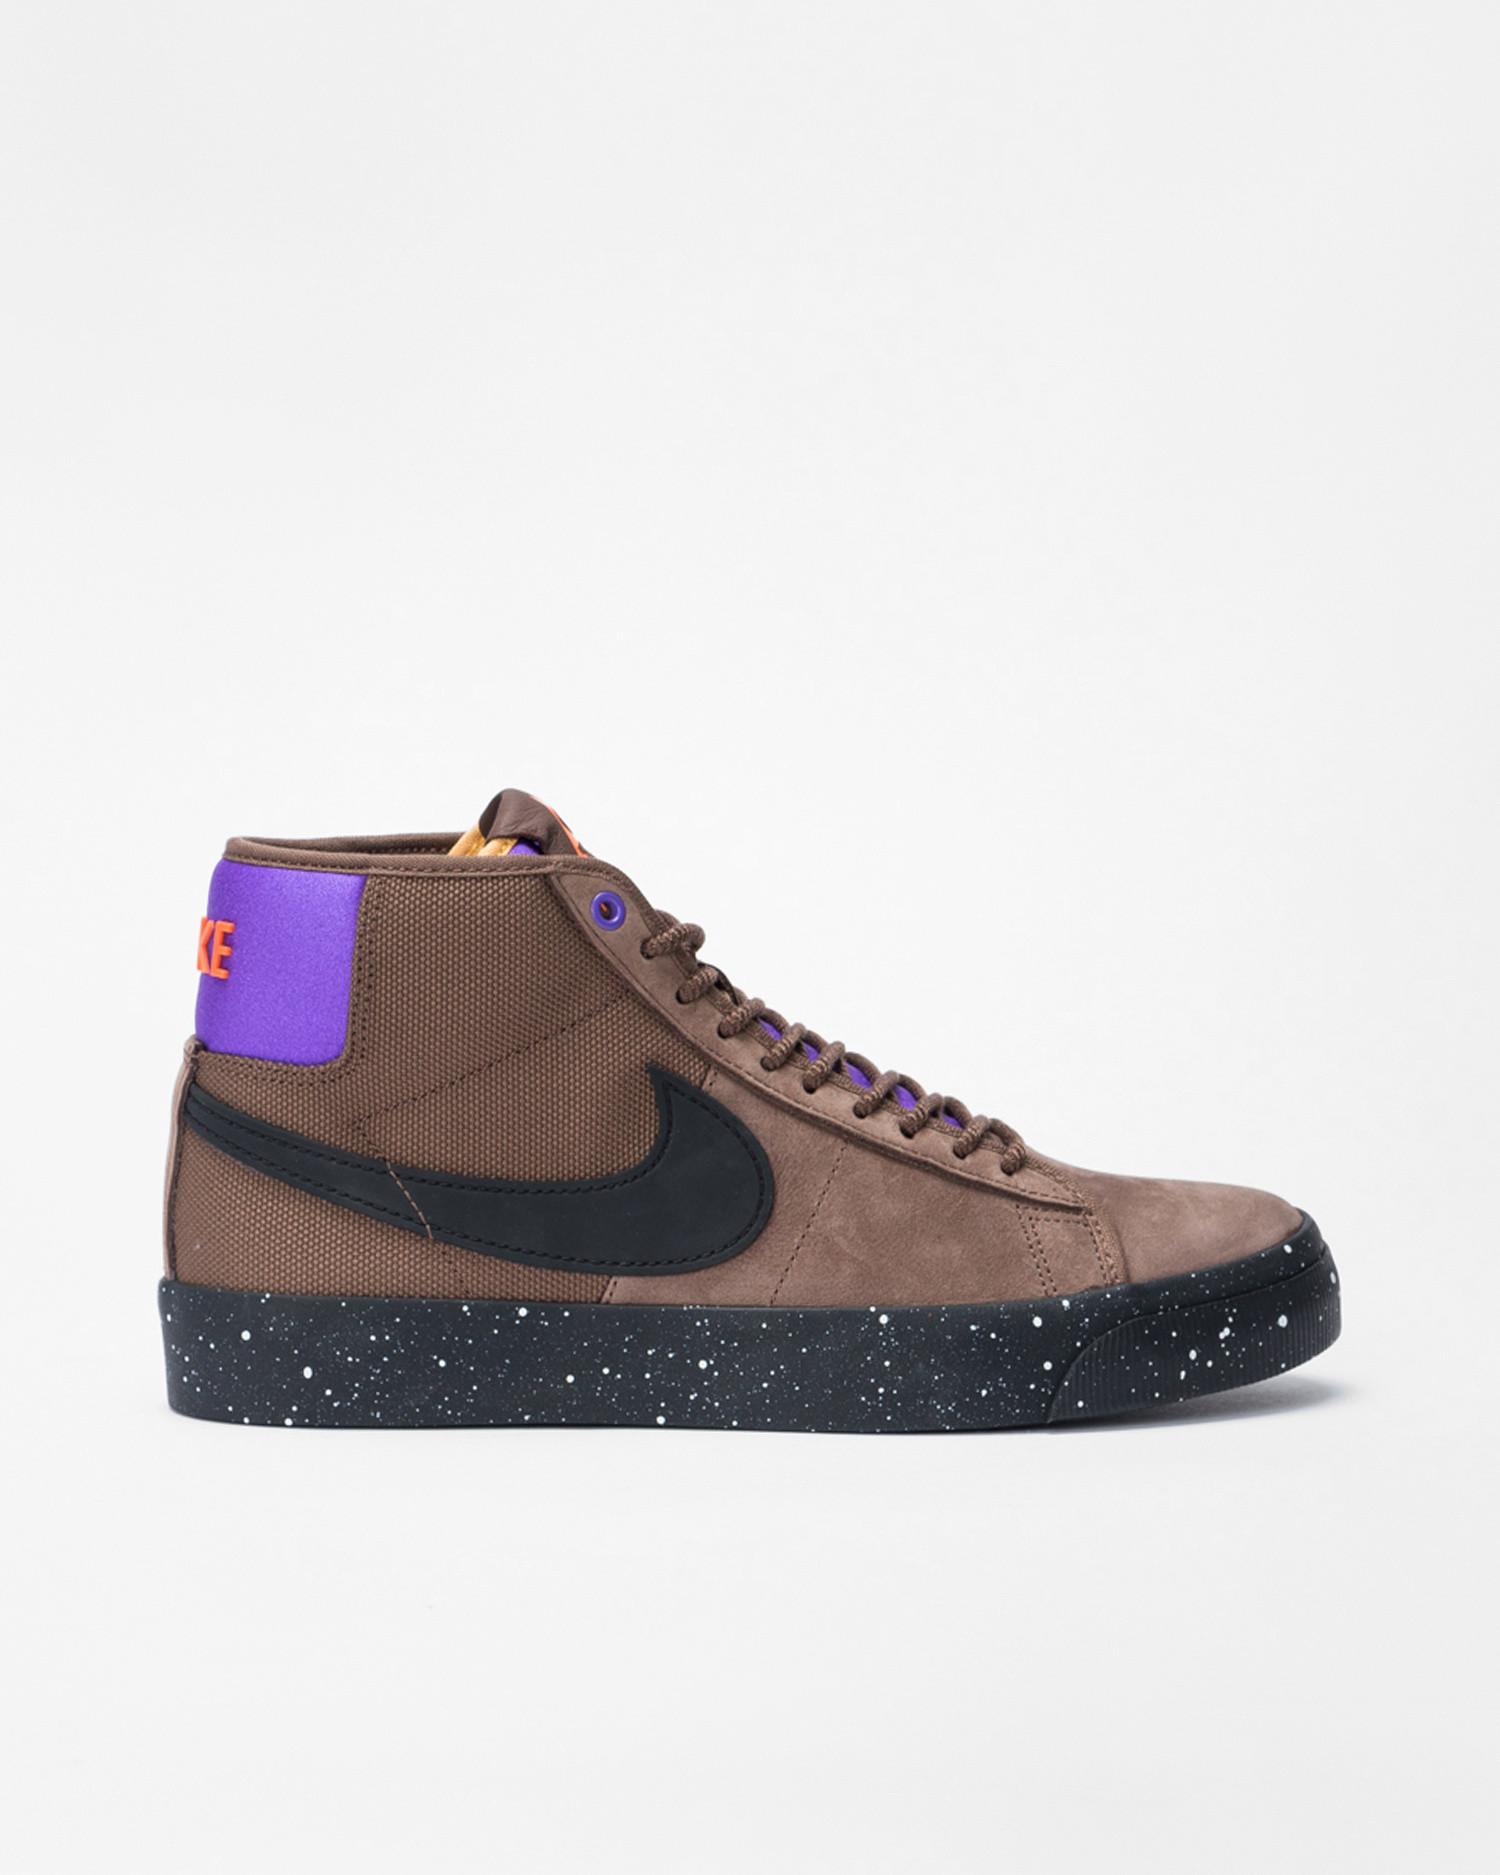 Nike SB Zoom Blazer Mid Pro GT Trails End Brown-Prism Violet